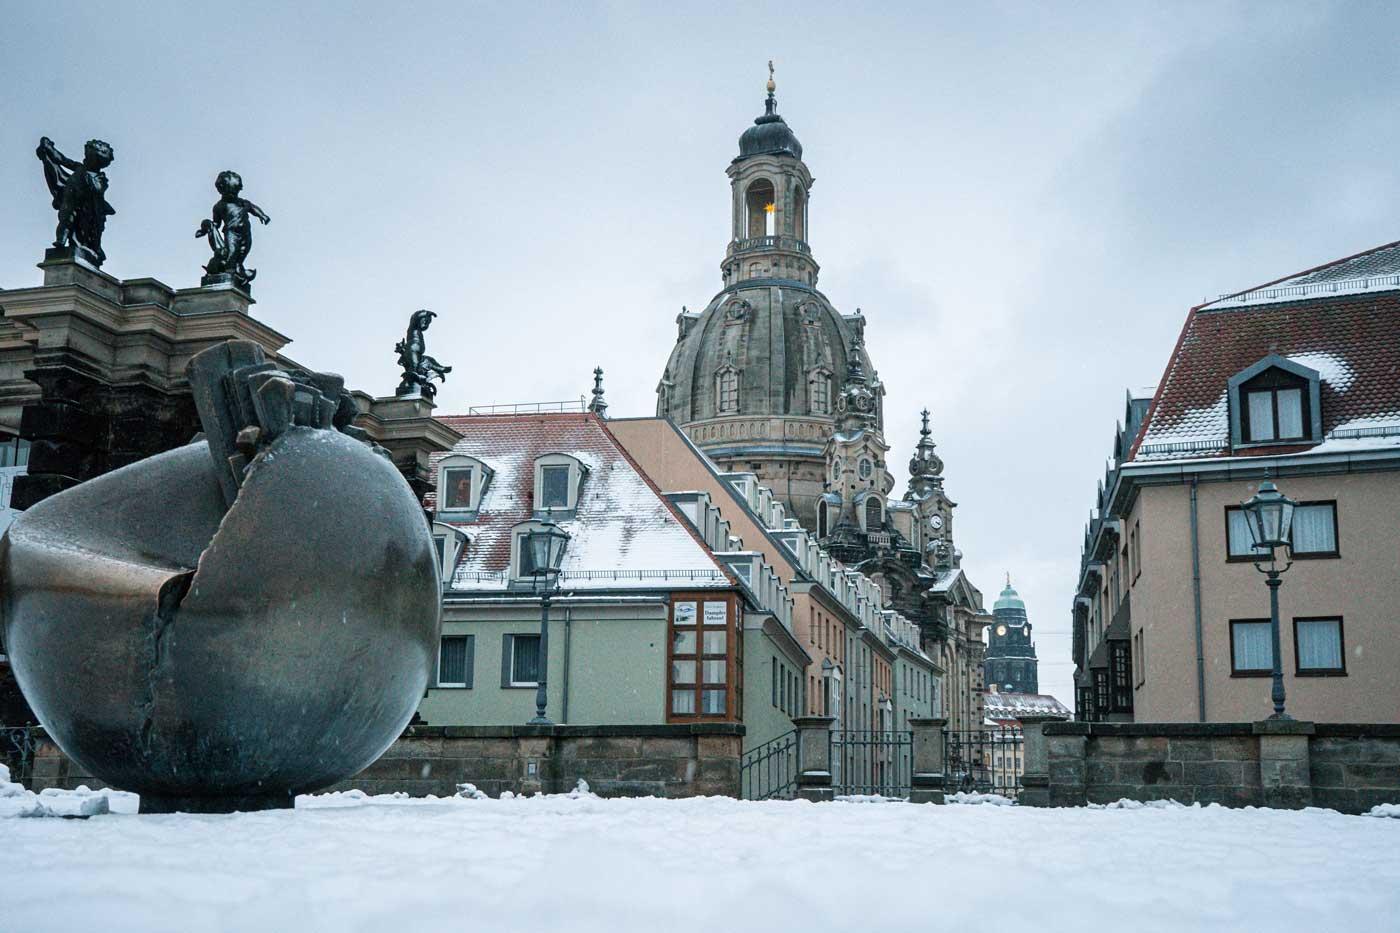 Blick von der verschneiten Brühlschen Terrasse Richtung Münzgasse und auf die Dresdner Frauenkirche im Winter